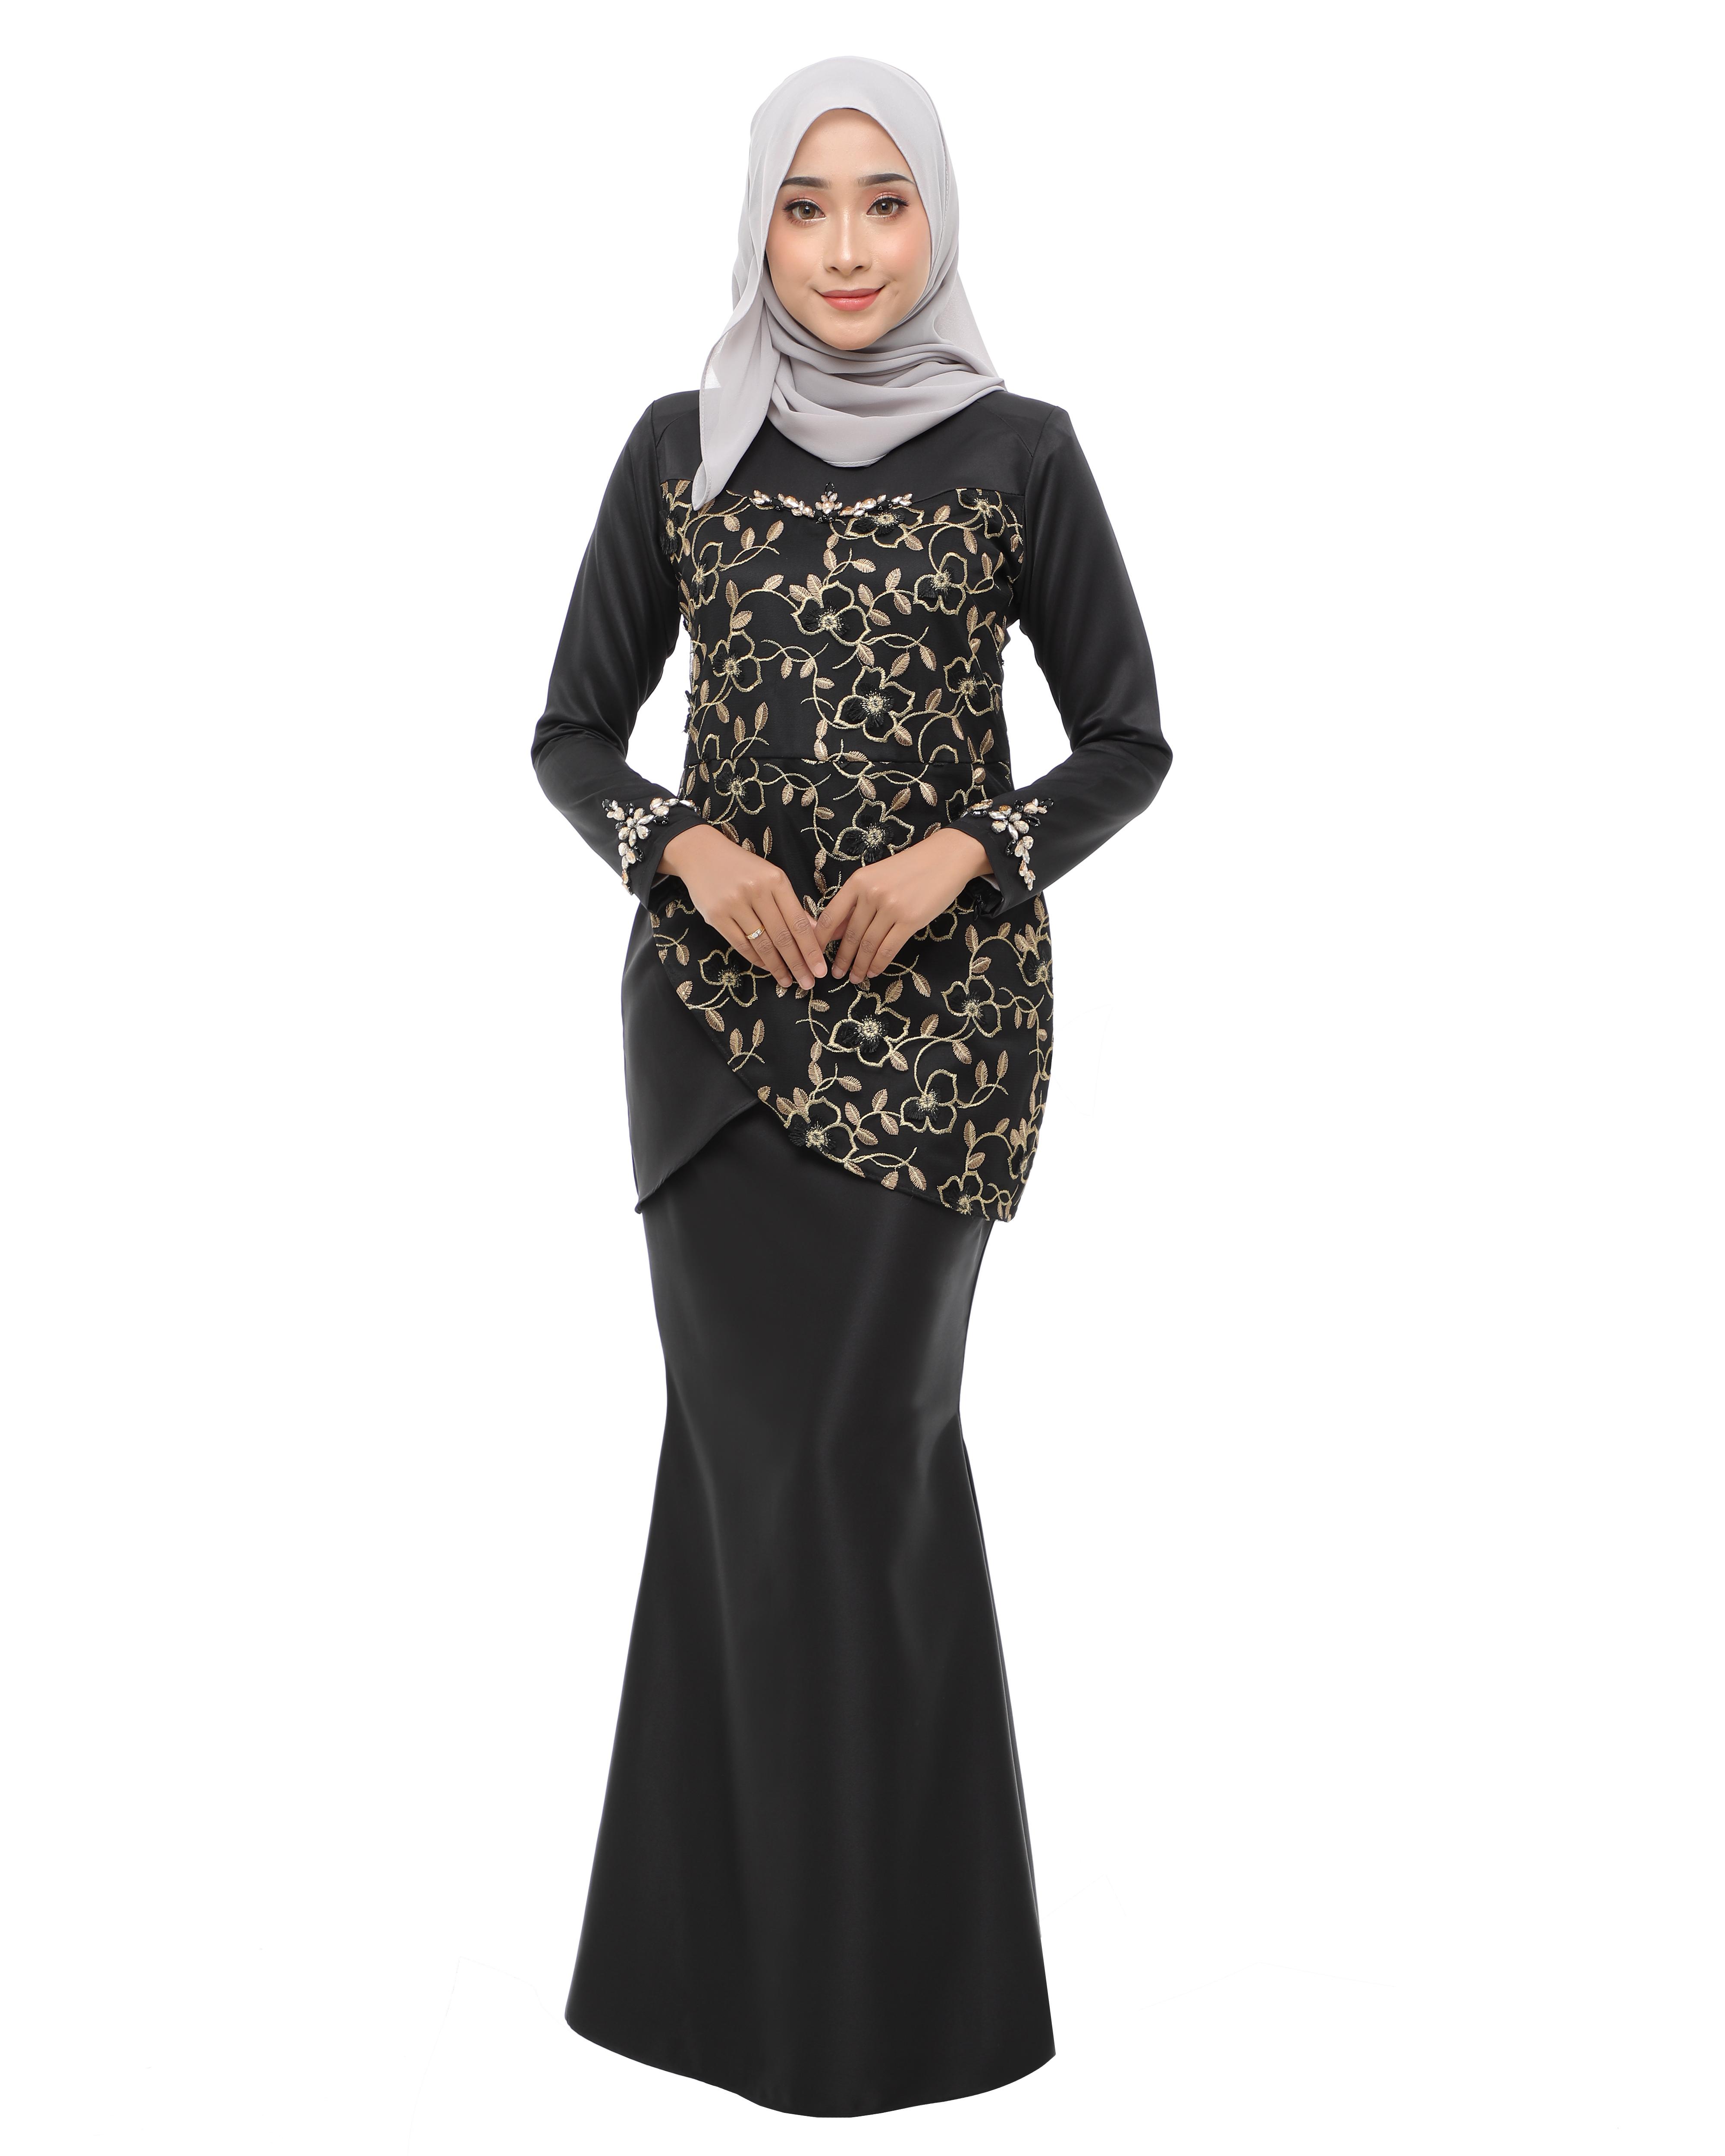 Rosalyn - Black (Gold Flower Lace)